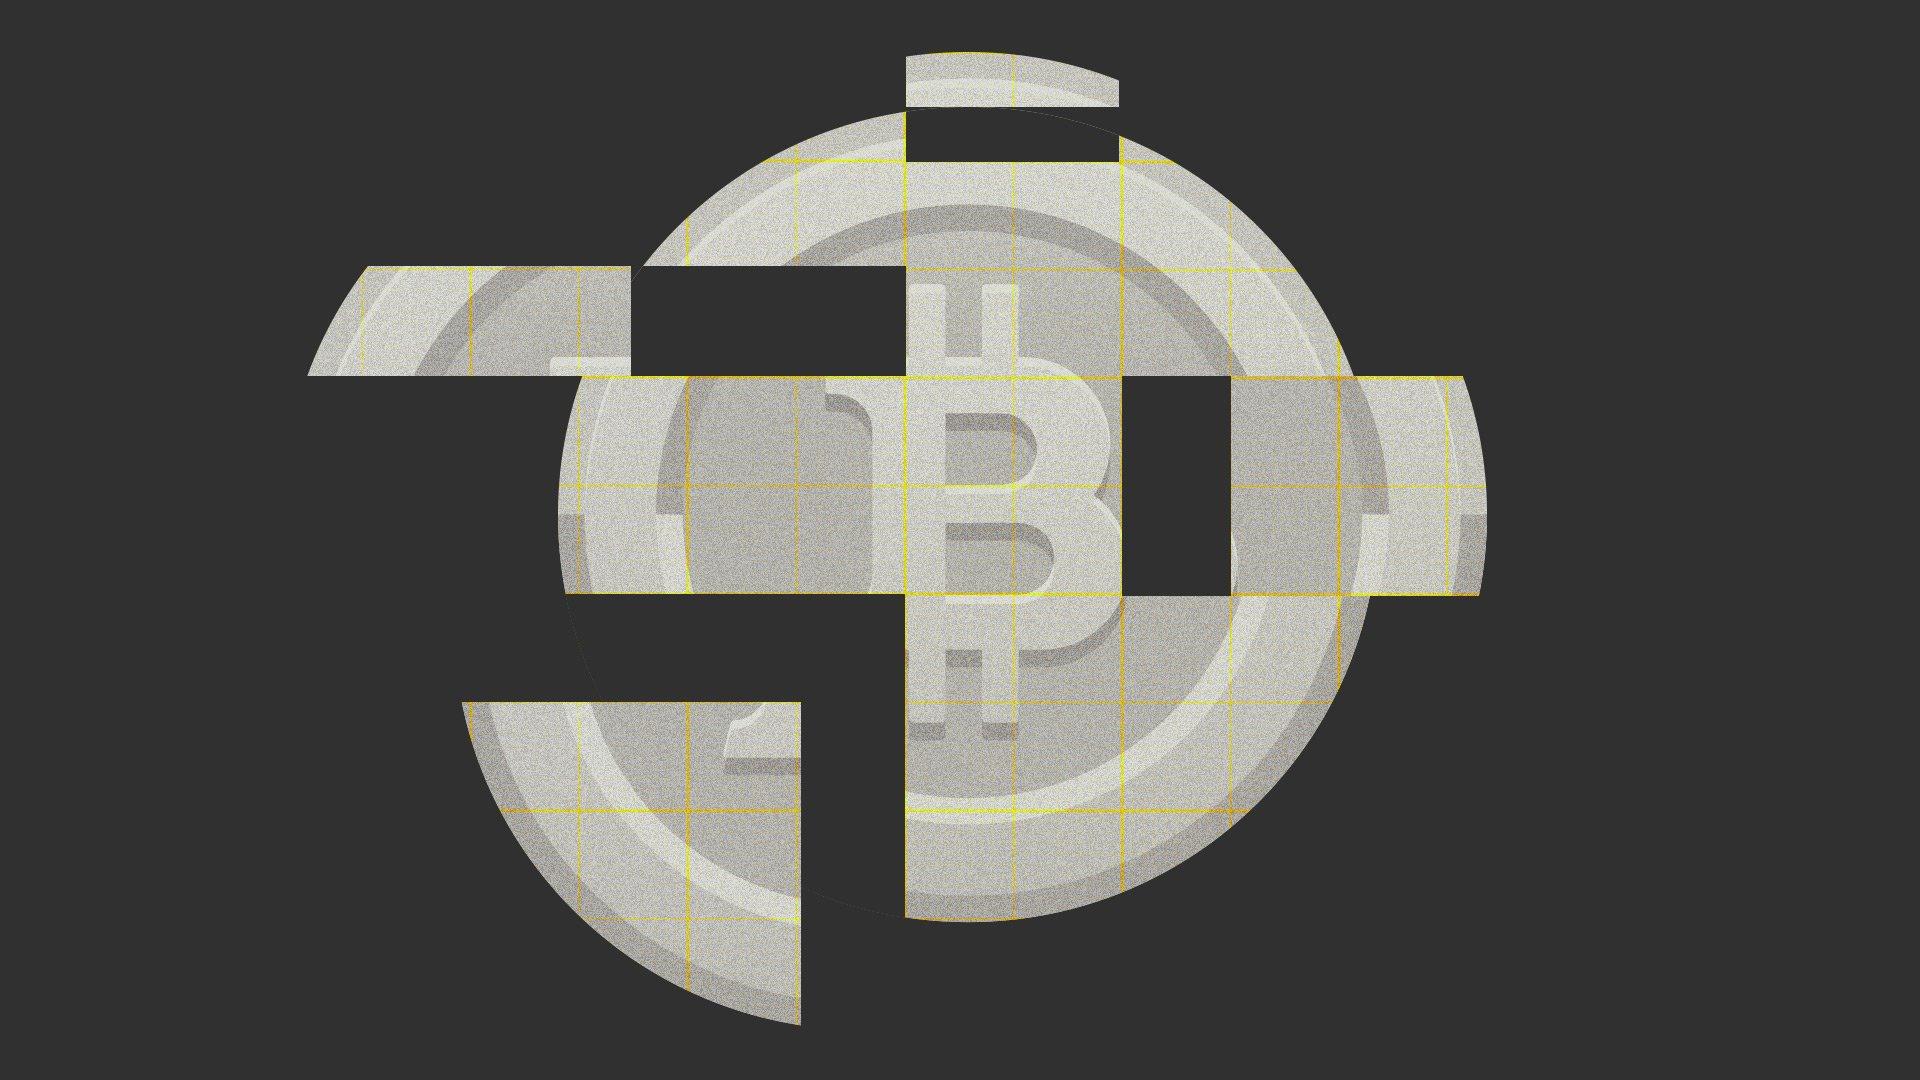 Las empresas del S&P 500 mantendrán bitcoin a fines de 2021, dice la mayoría de los encuestados de la encuesta Outlook de The Block